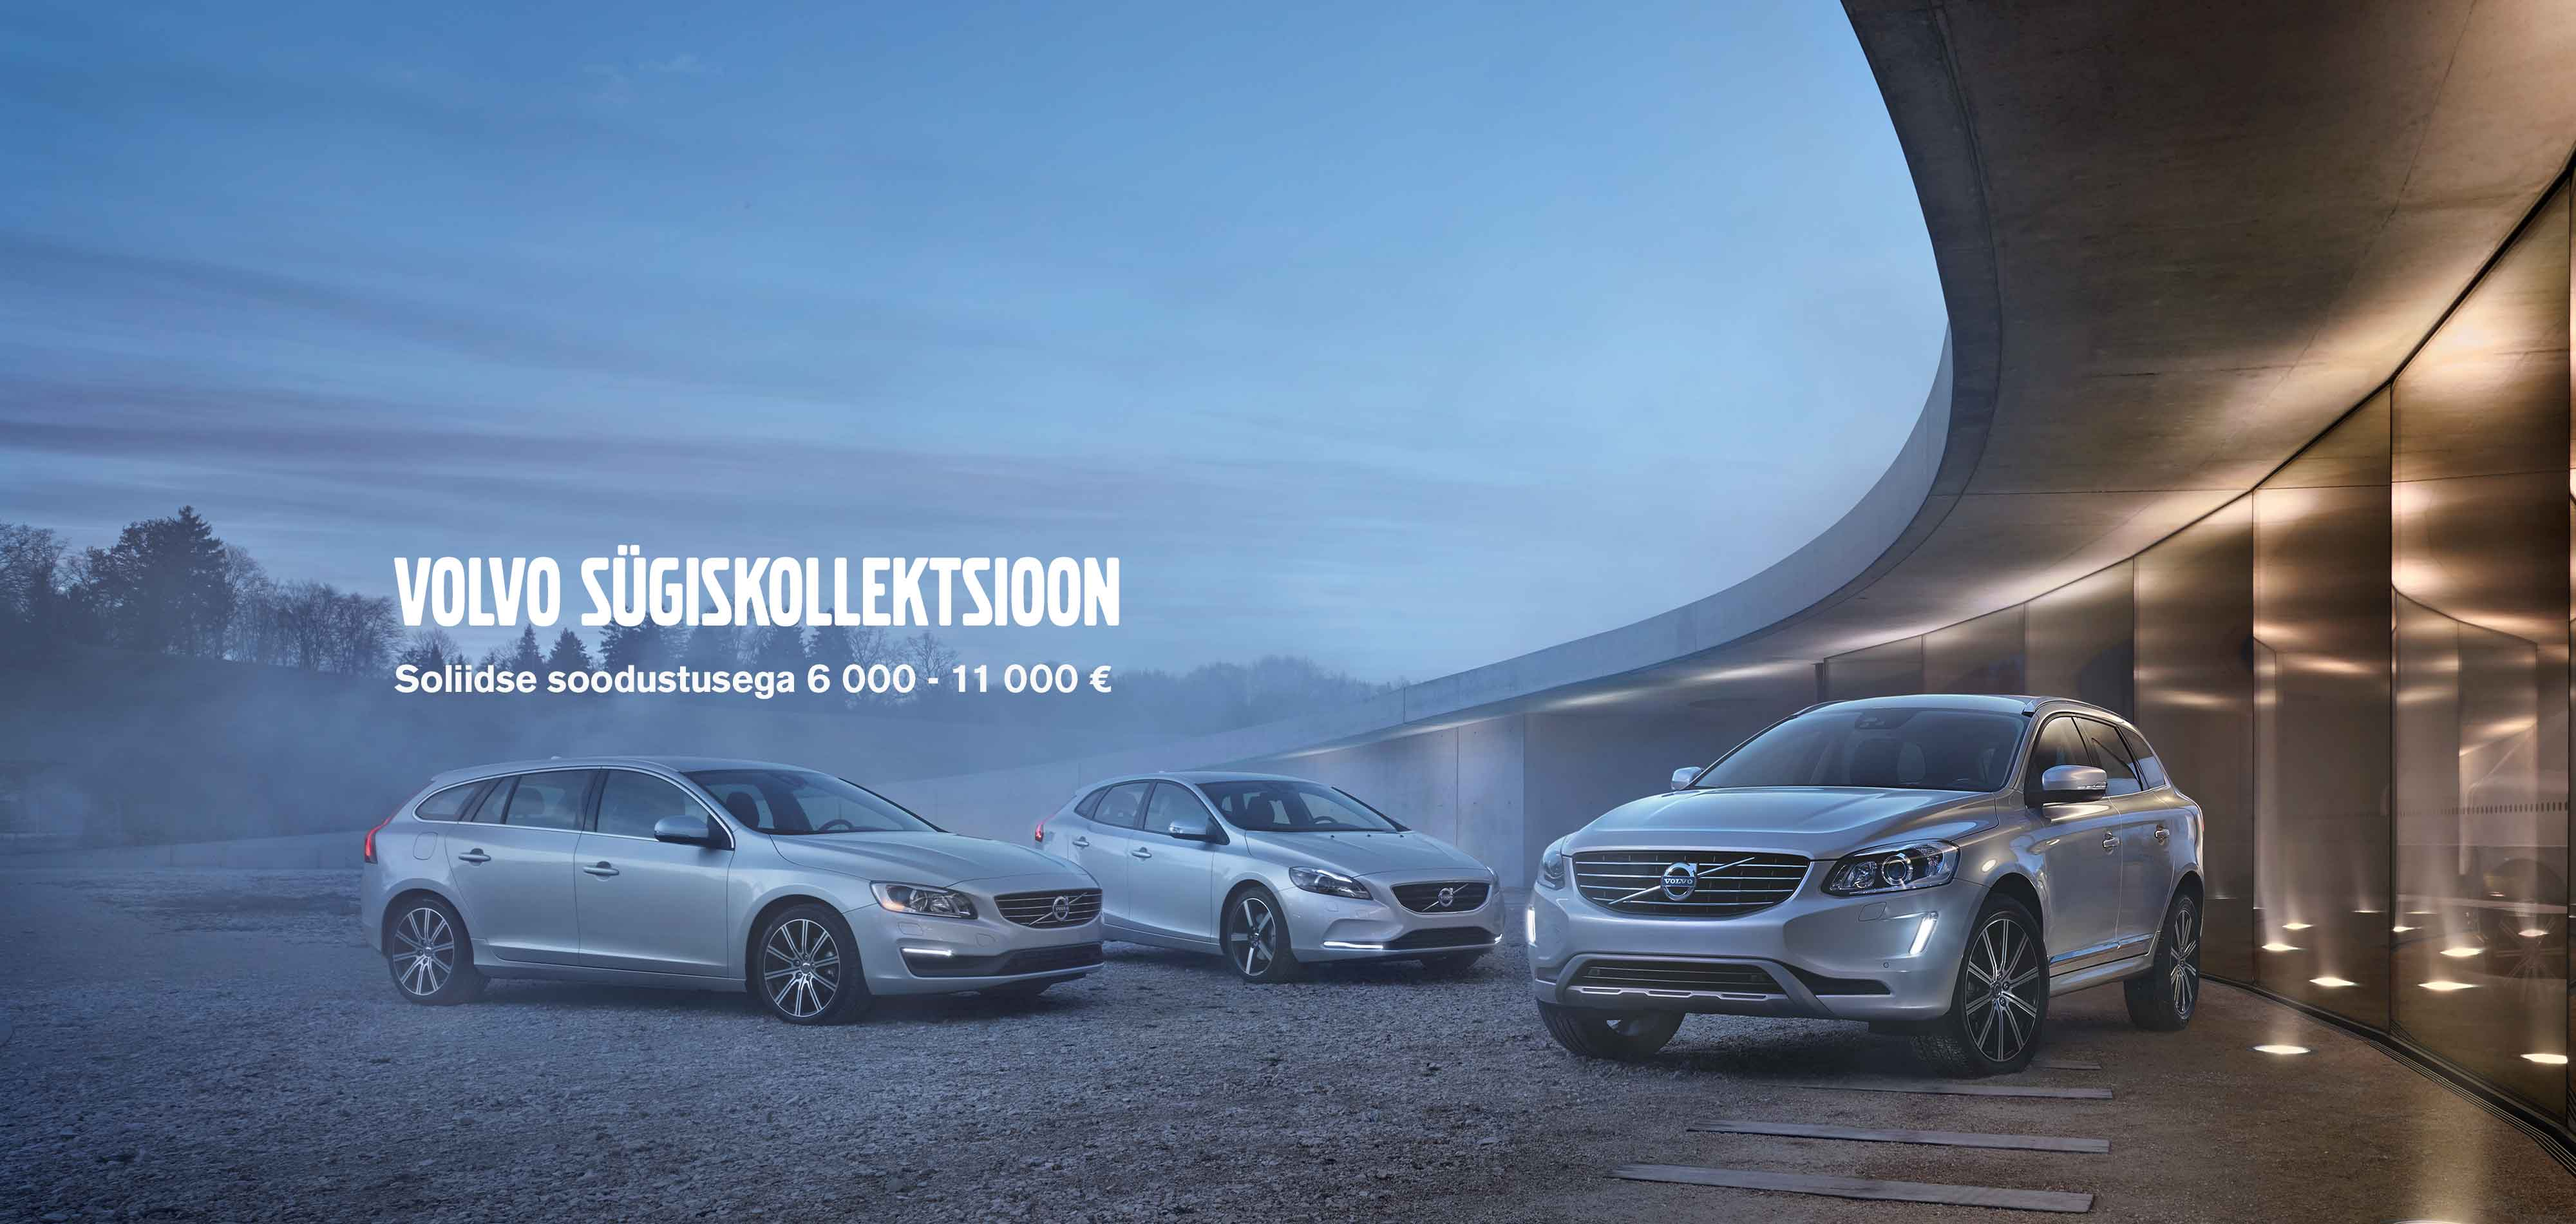 Volvo sügiskollektsioon